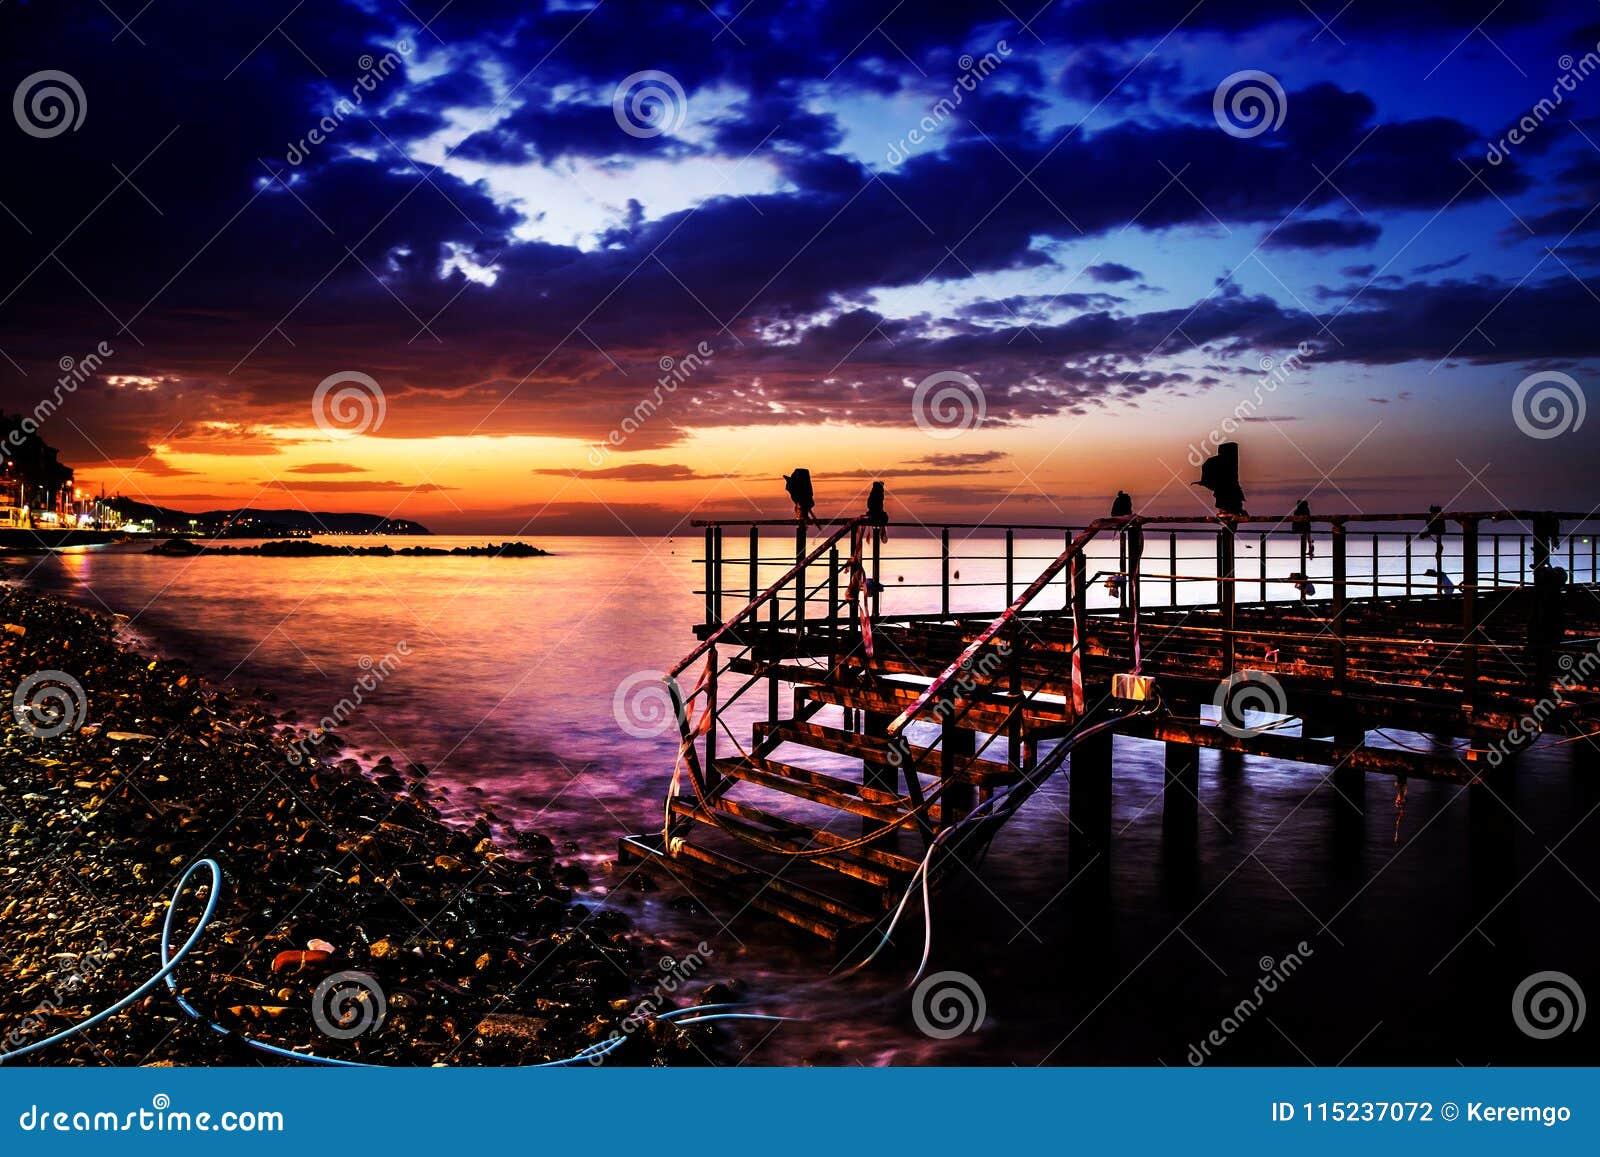 Verwüstetes Dock auf Sonnenuntergang mit ruhigem See